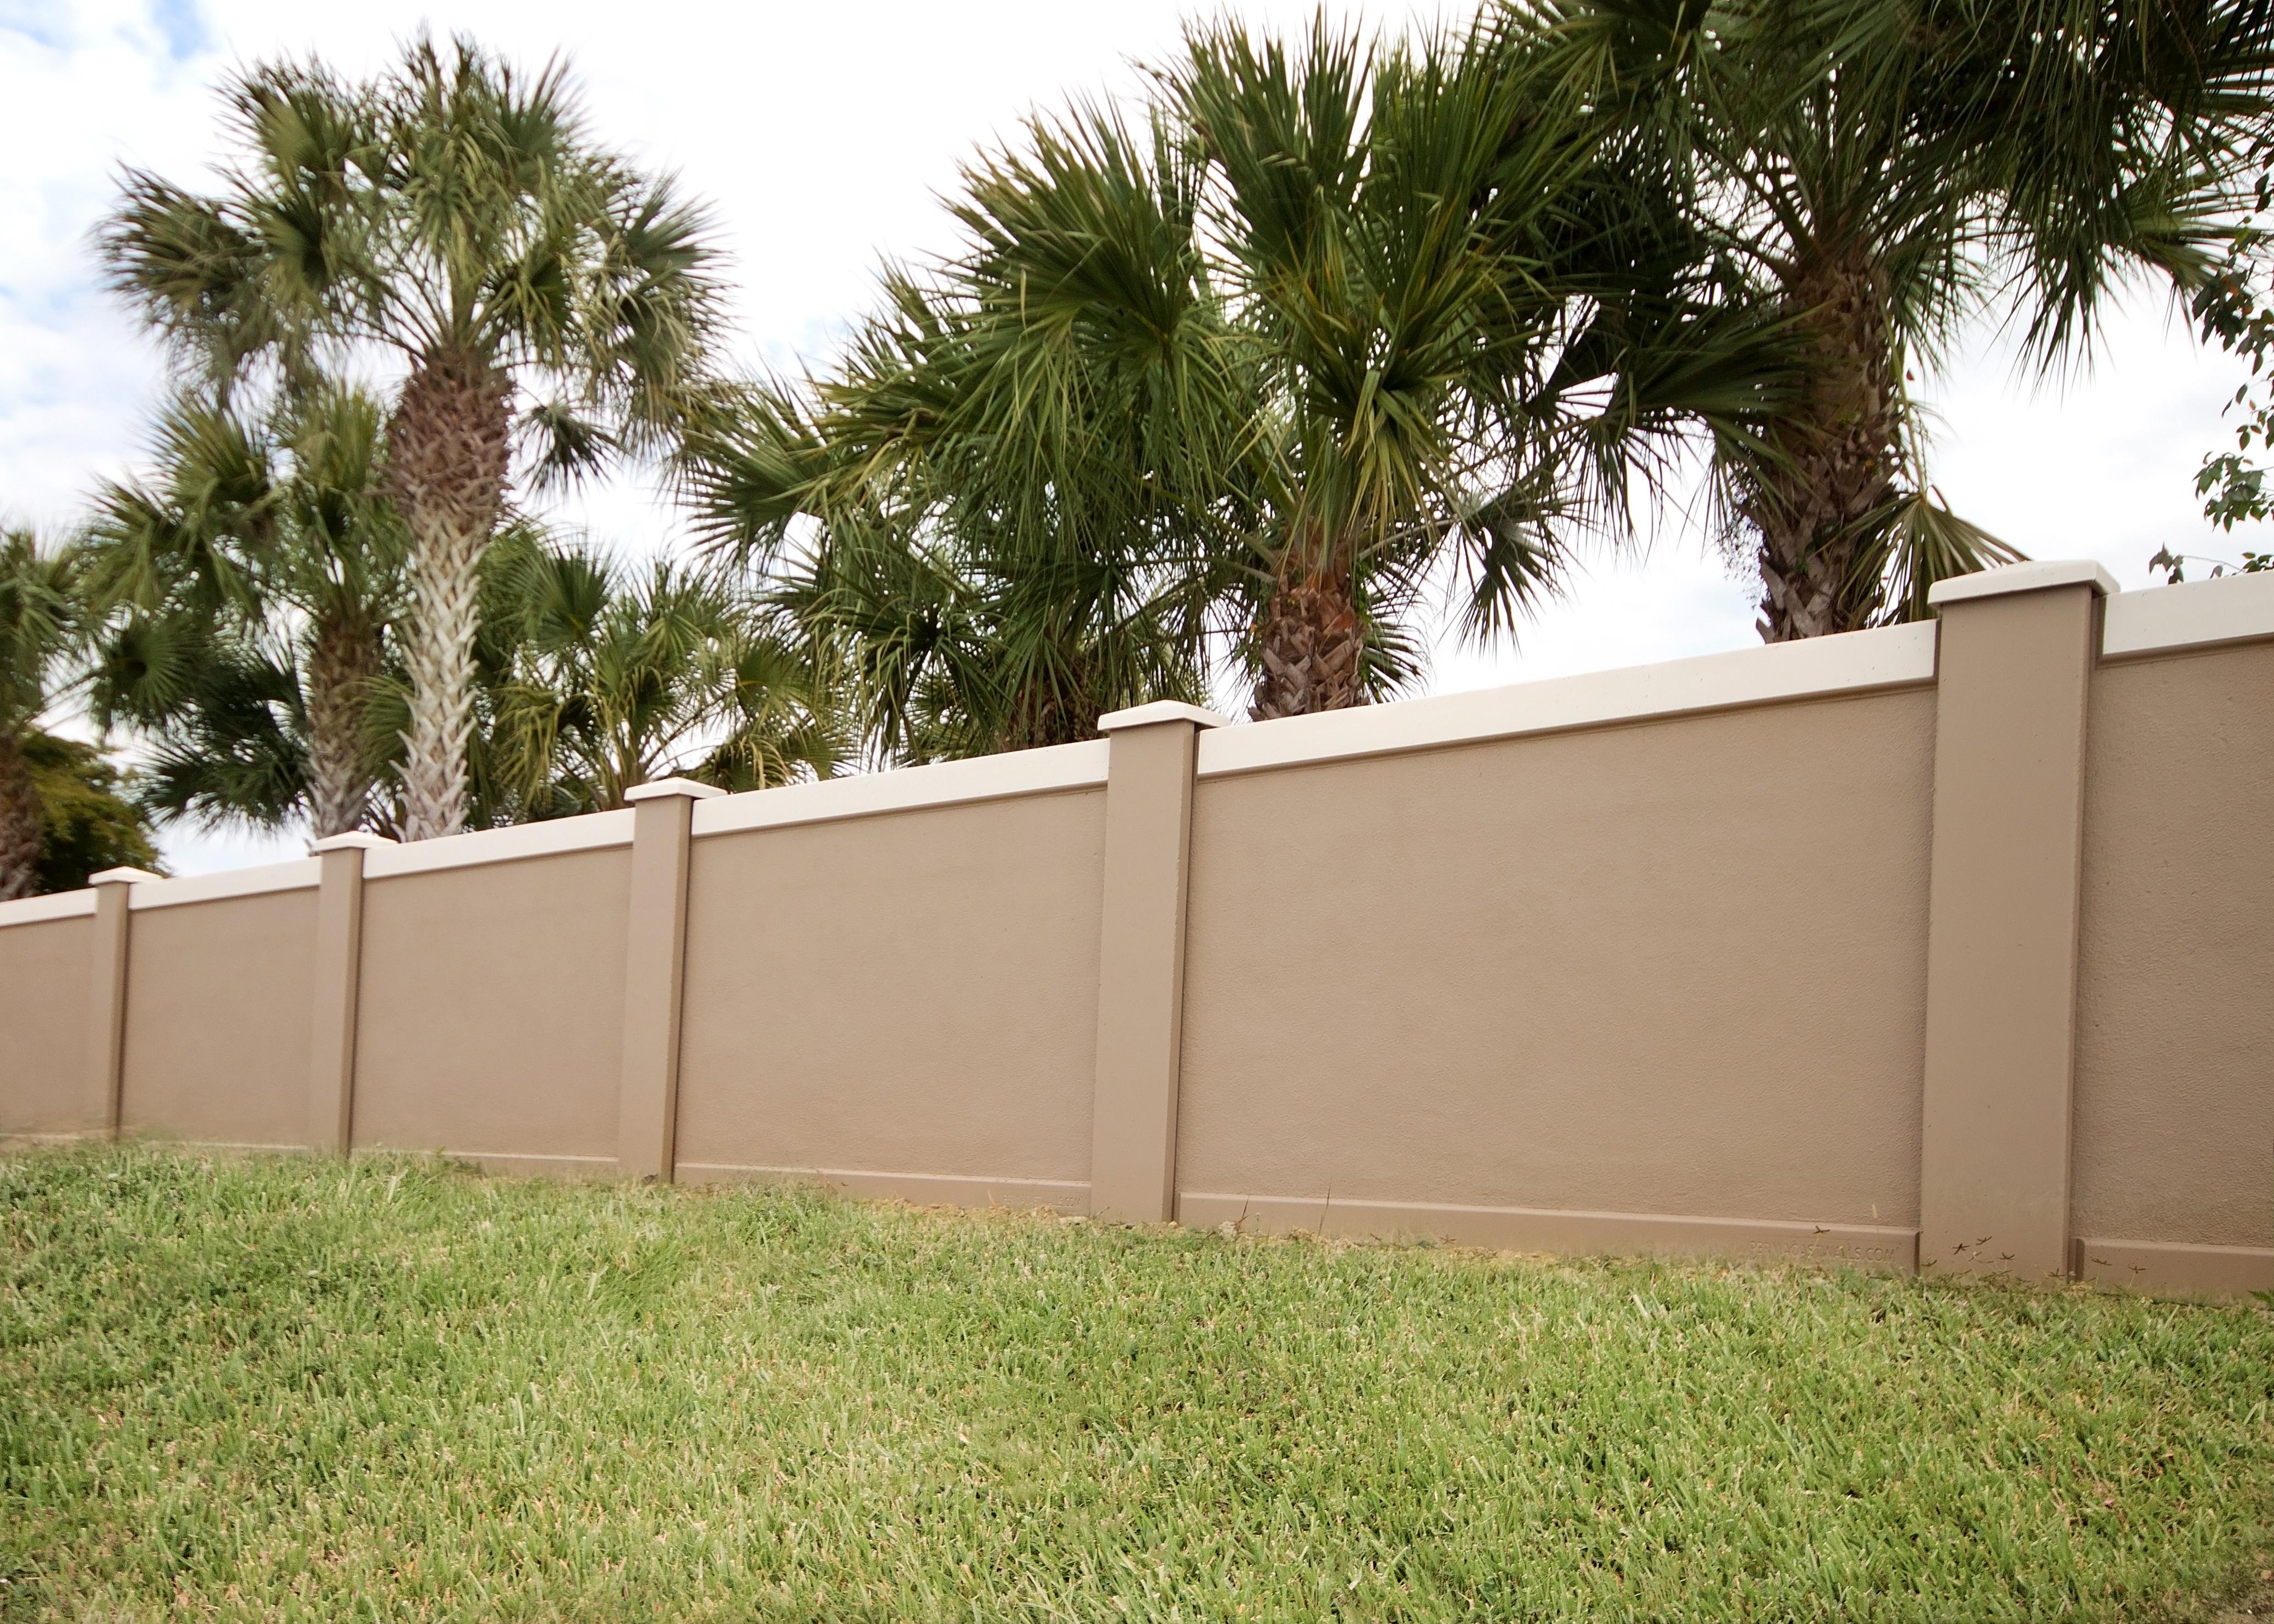 Concrete Precast Fence